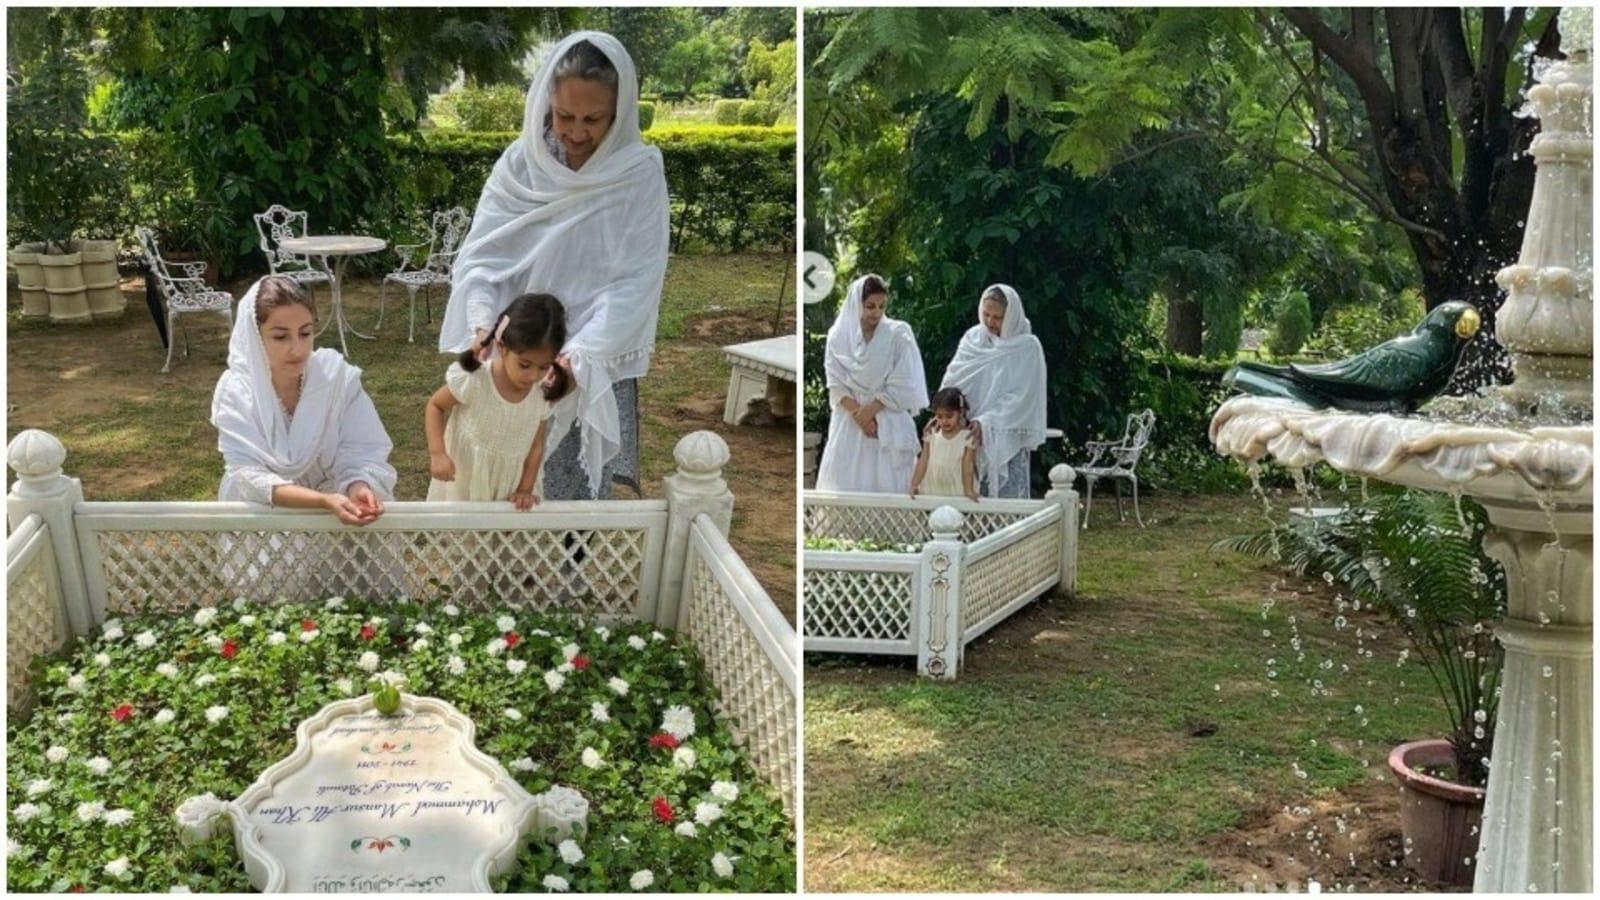 سوہا علی خان نے والدہ اور بیٹی عنایہ کے ساتھ منصور علی خان کی قبر پر حاضری دی